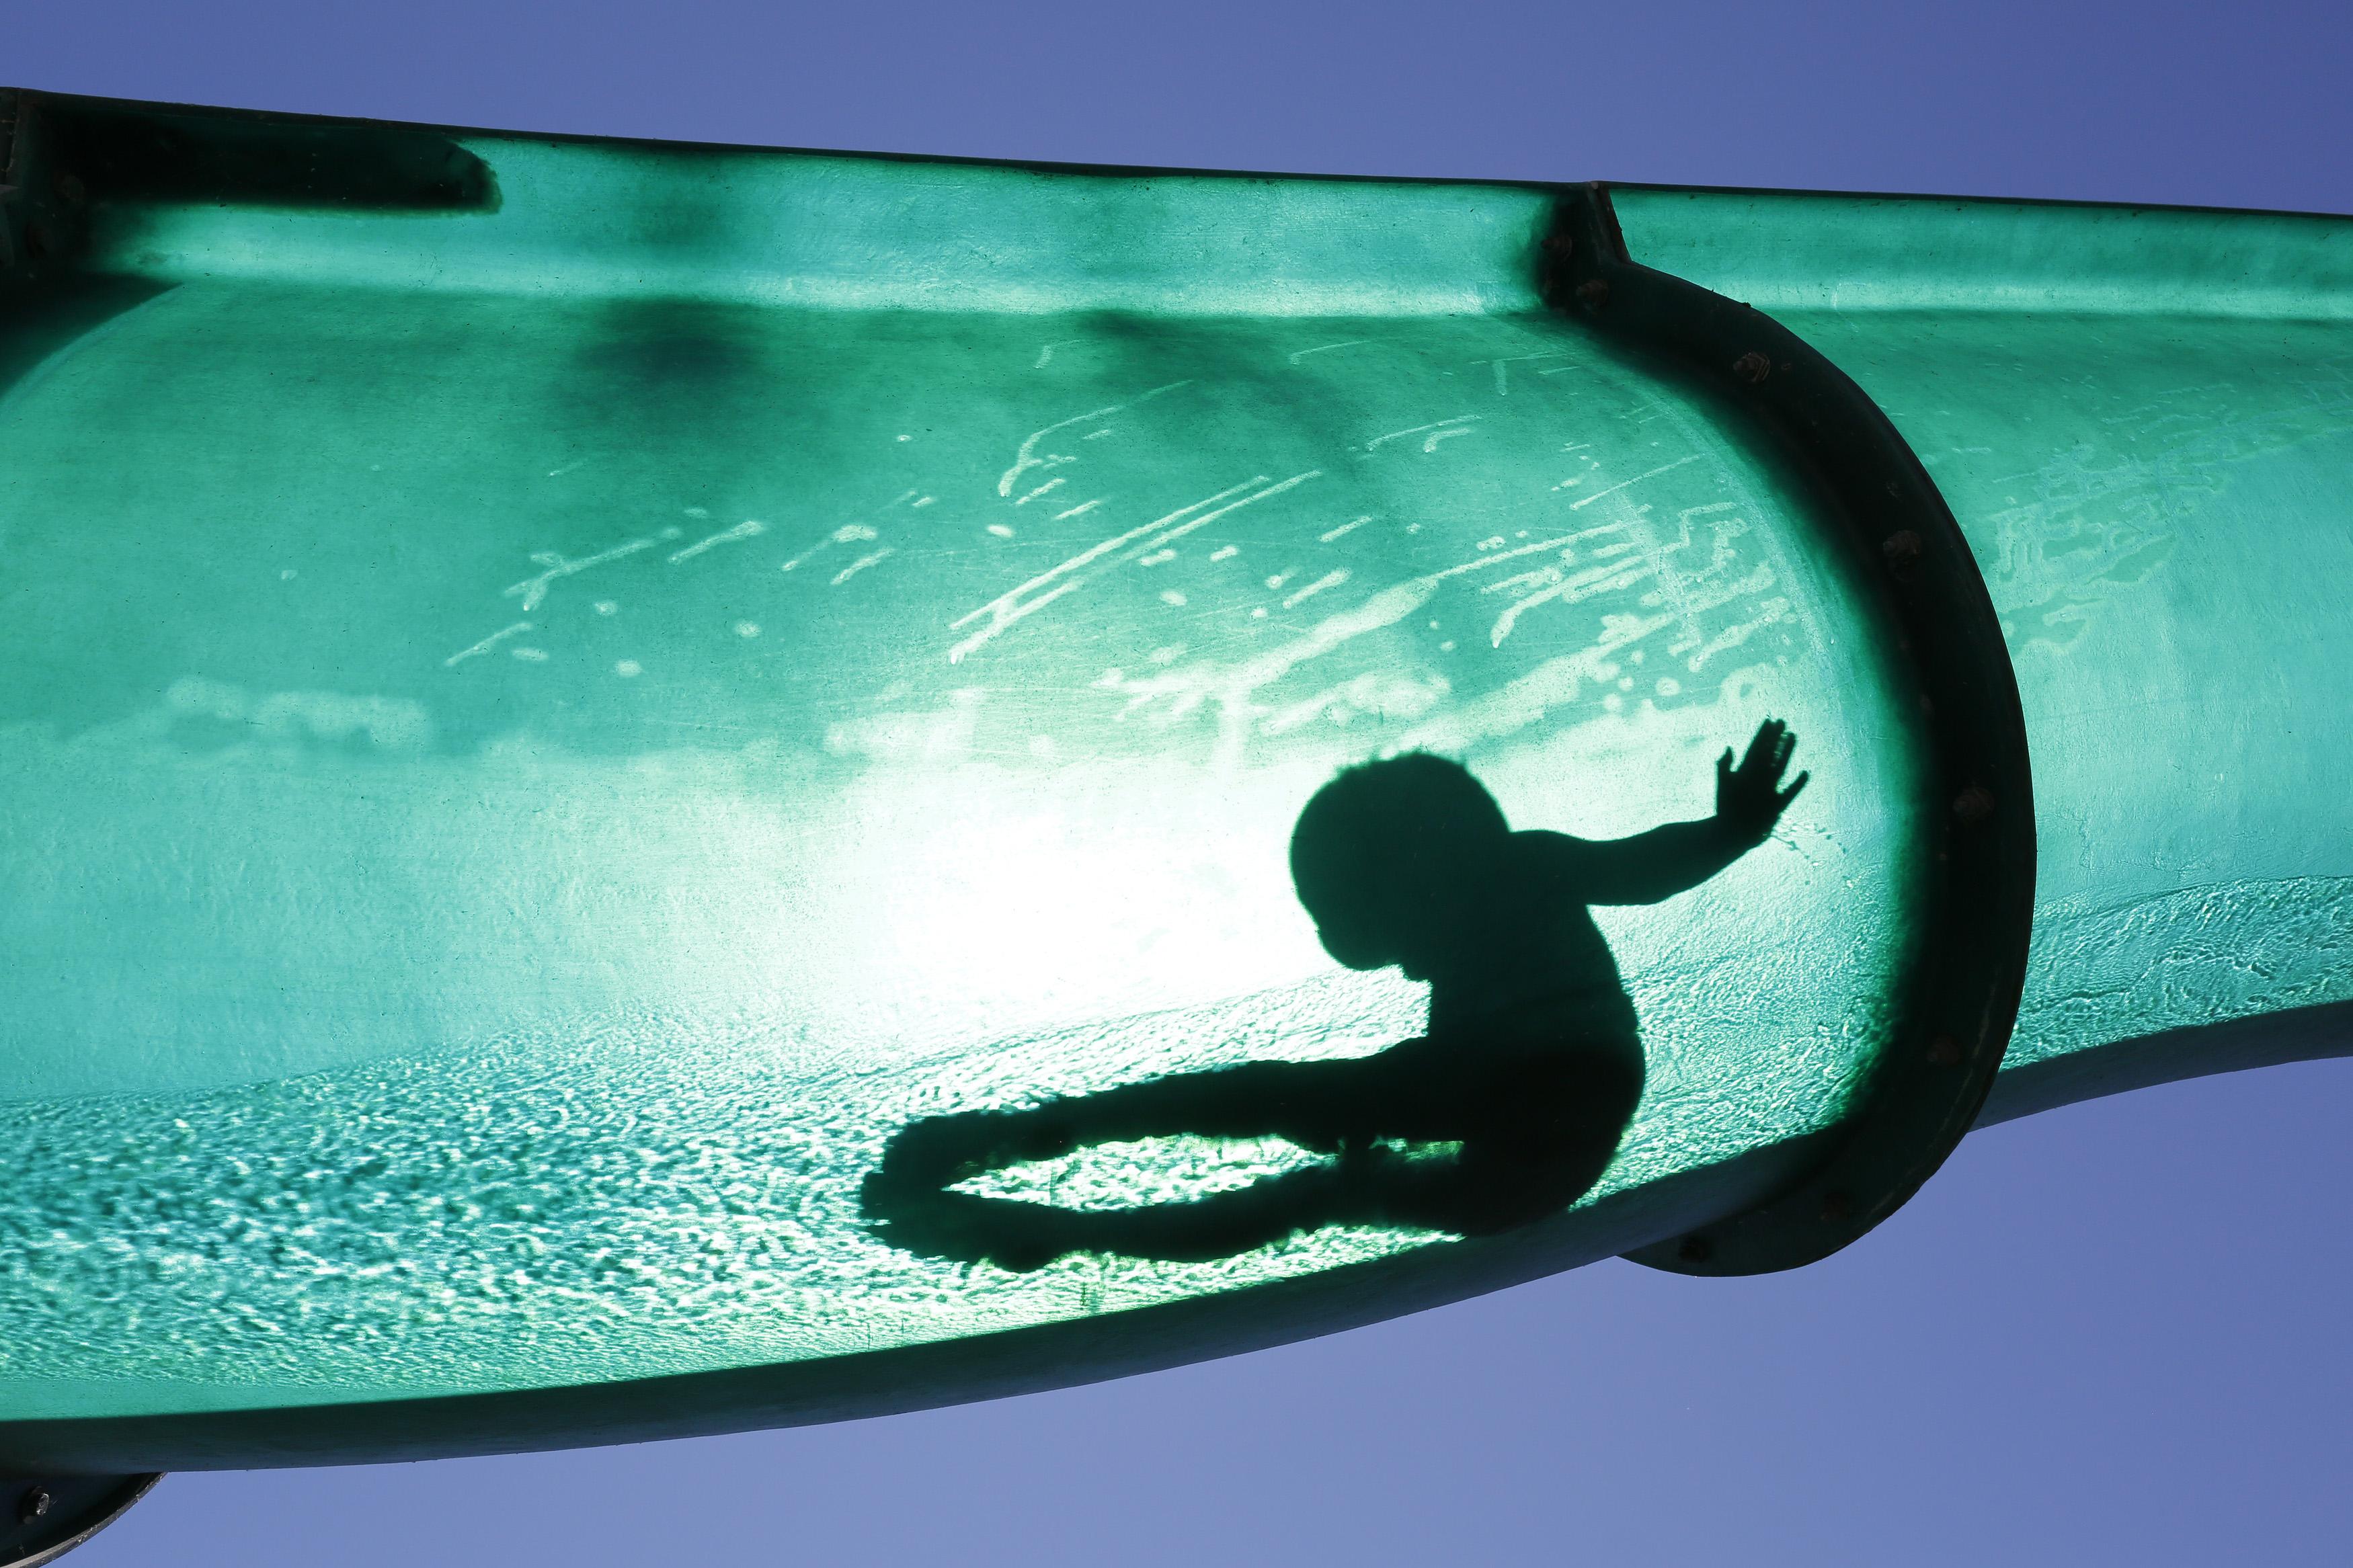 SUÍÇA, 1.8.2013. Um rapaz num escorrega aquático num complexo de piscinas públicas em Thun